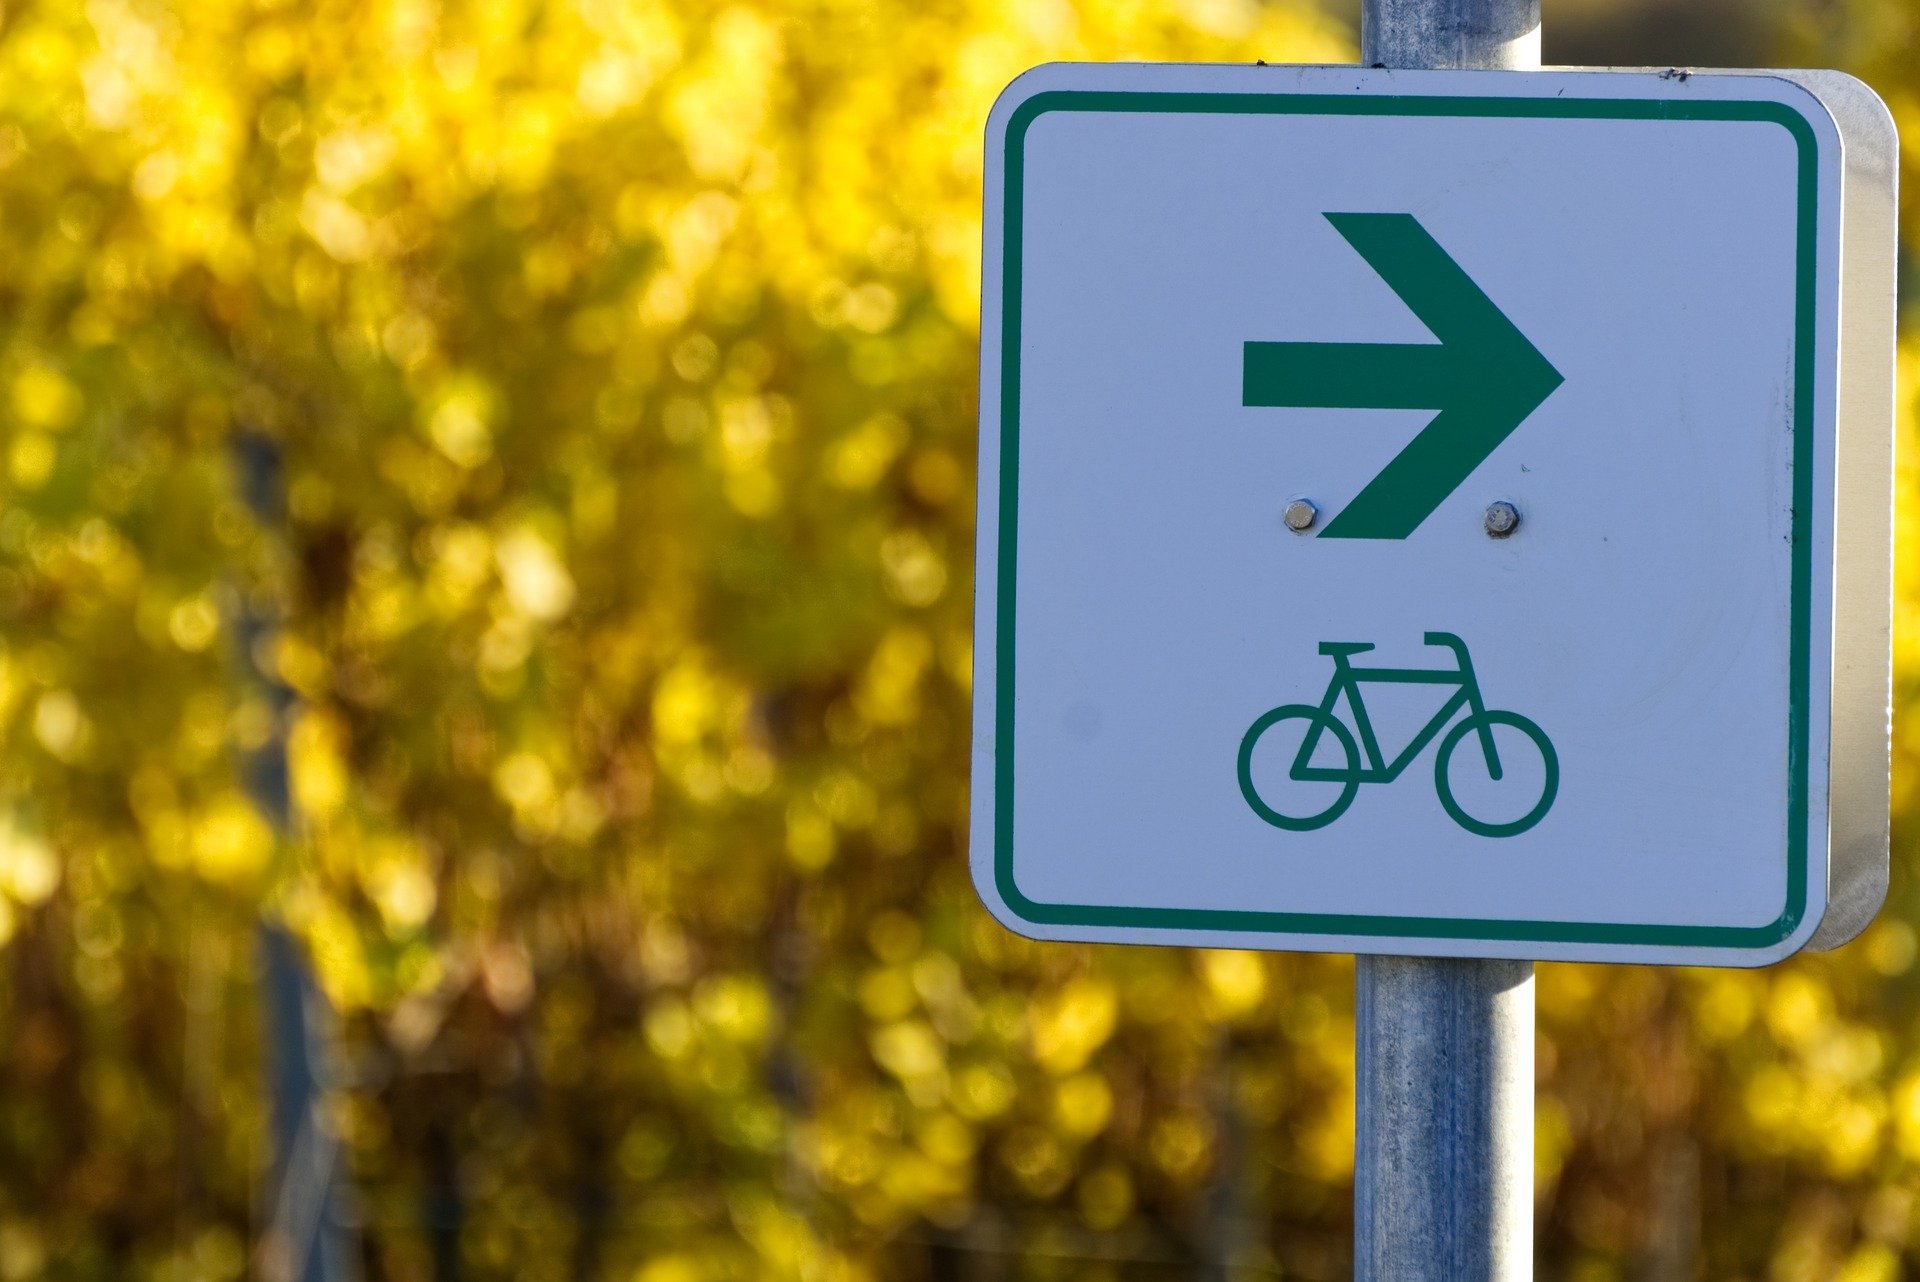 radweg bild von markus distelrath auf pixabay © Markus Distelrath auf Pixabay